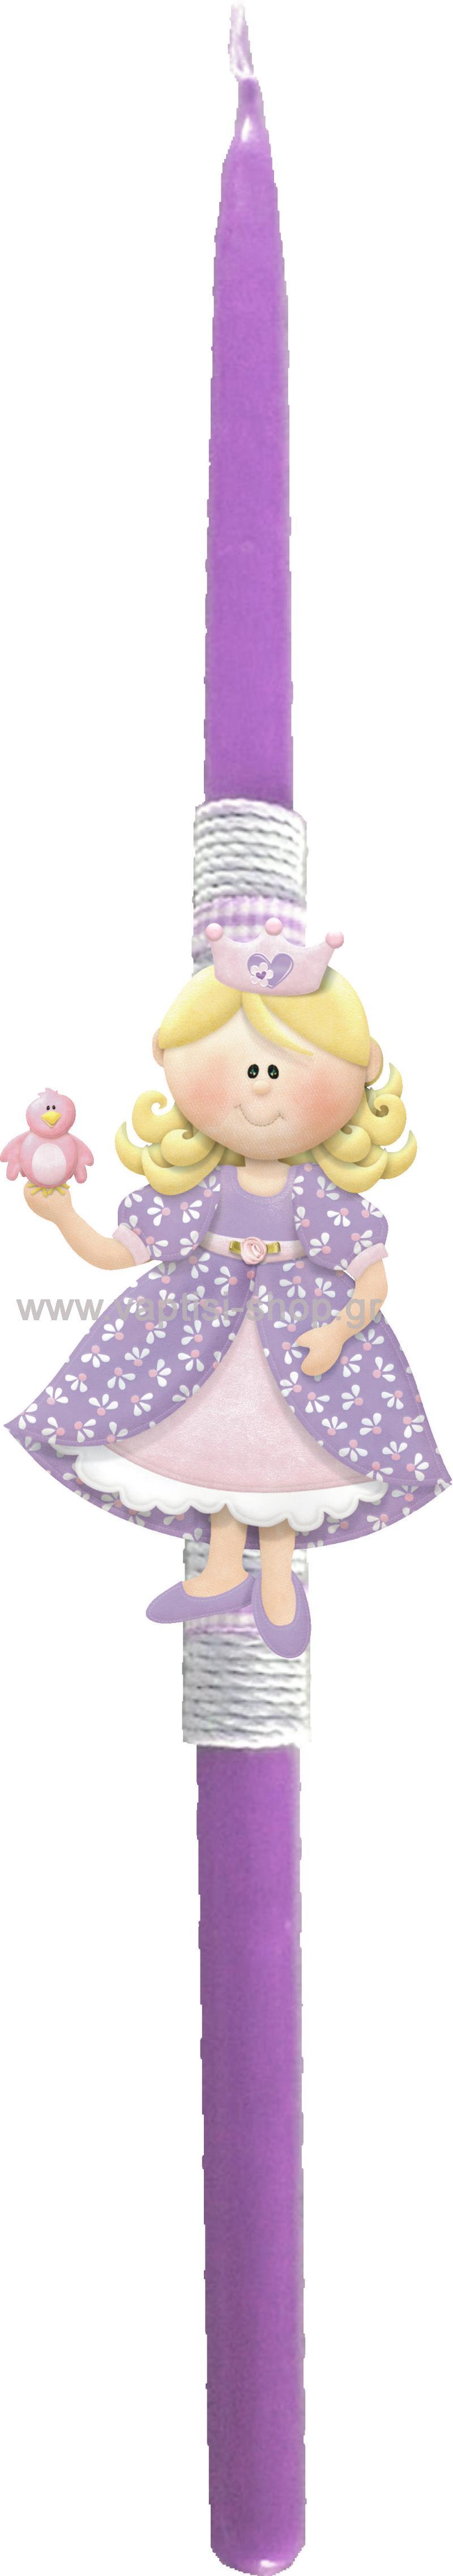 Πασχαλινή Λαμπάδα Πριγκίπισσα 3